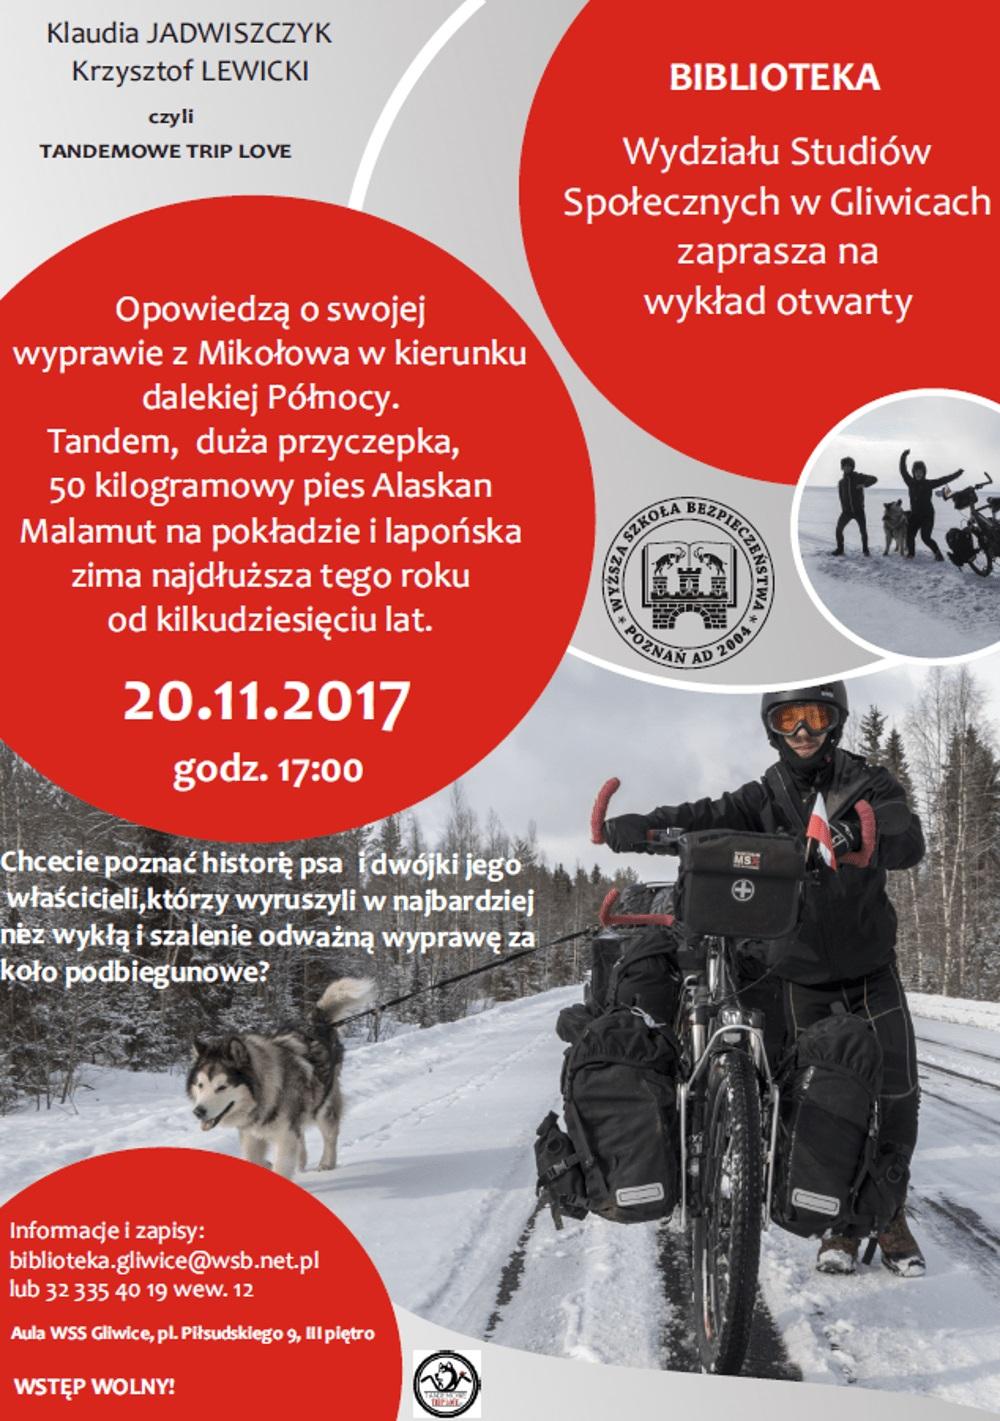 Poznaj historię psa Kadlooka i dwójki jego właścicieli 20 listopada 2017 roku.